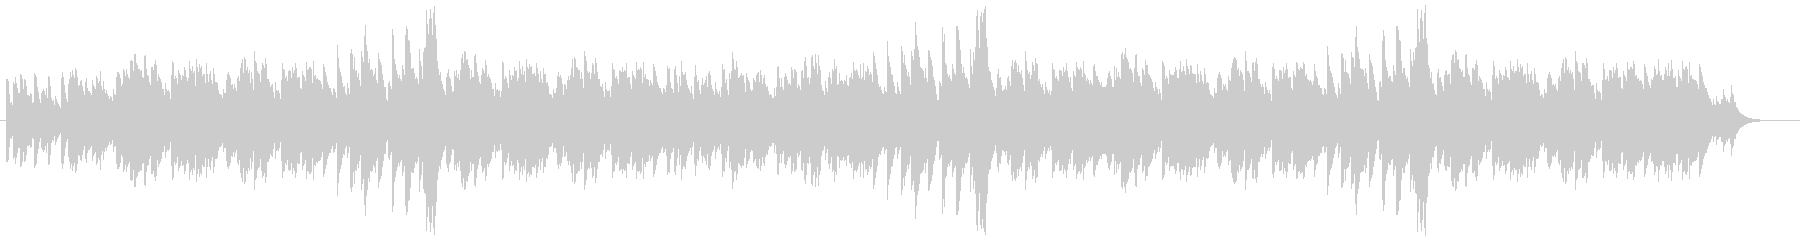 ポップでキャッチ―なオルゴール風サウンドの未再生の波形